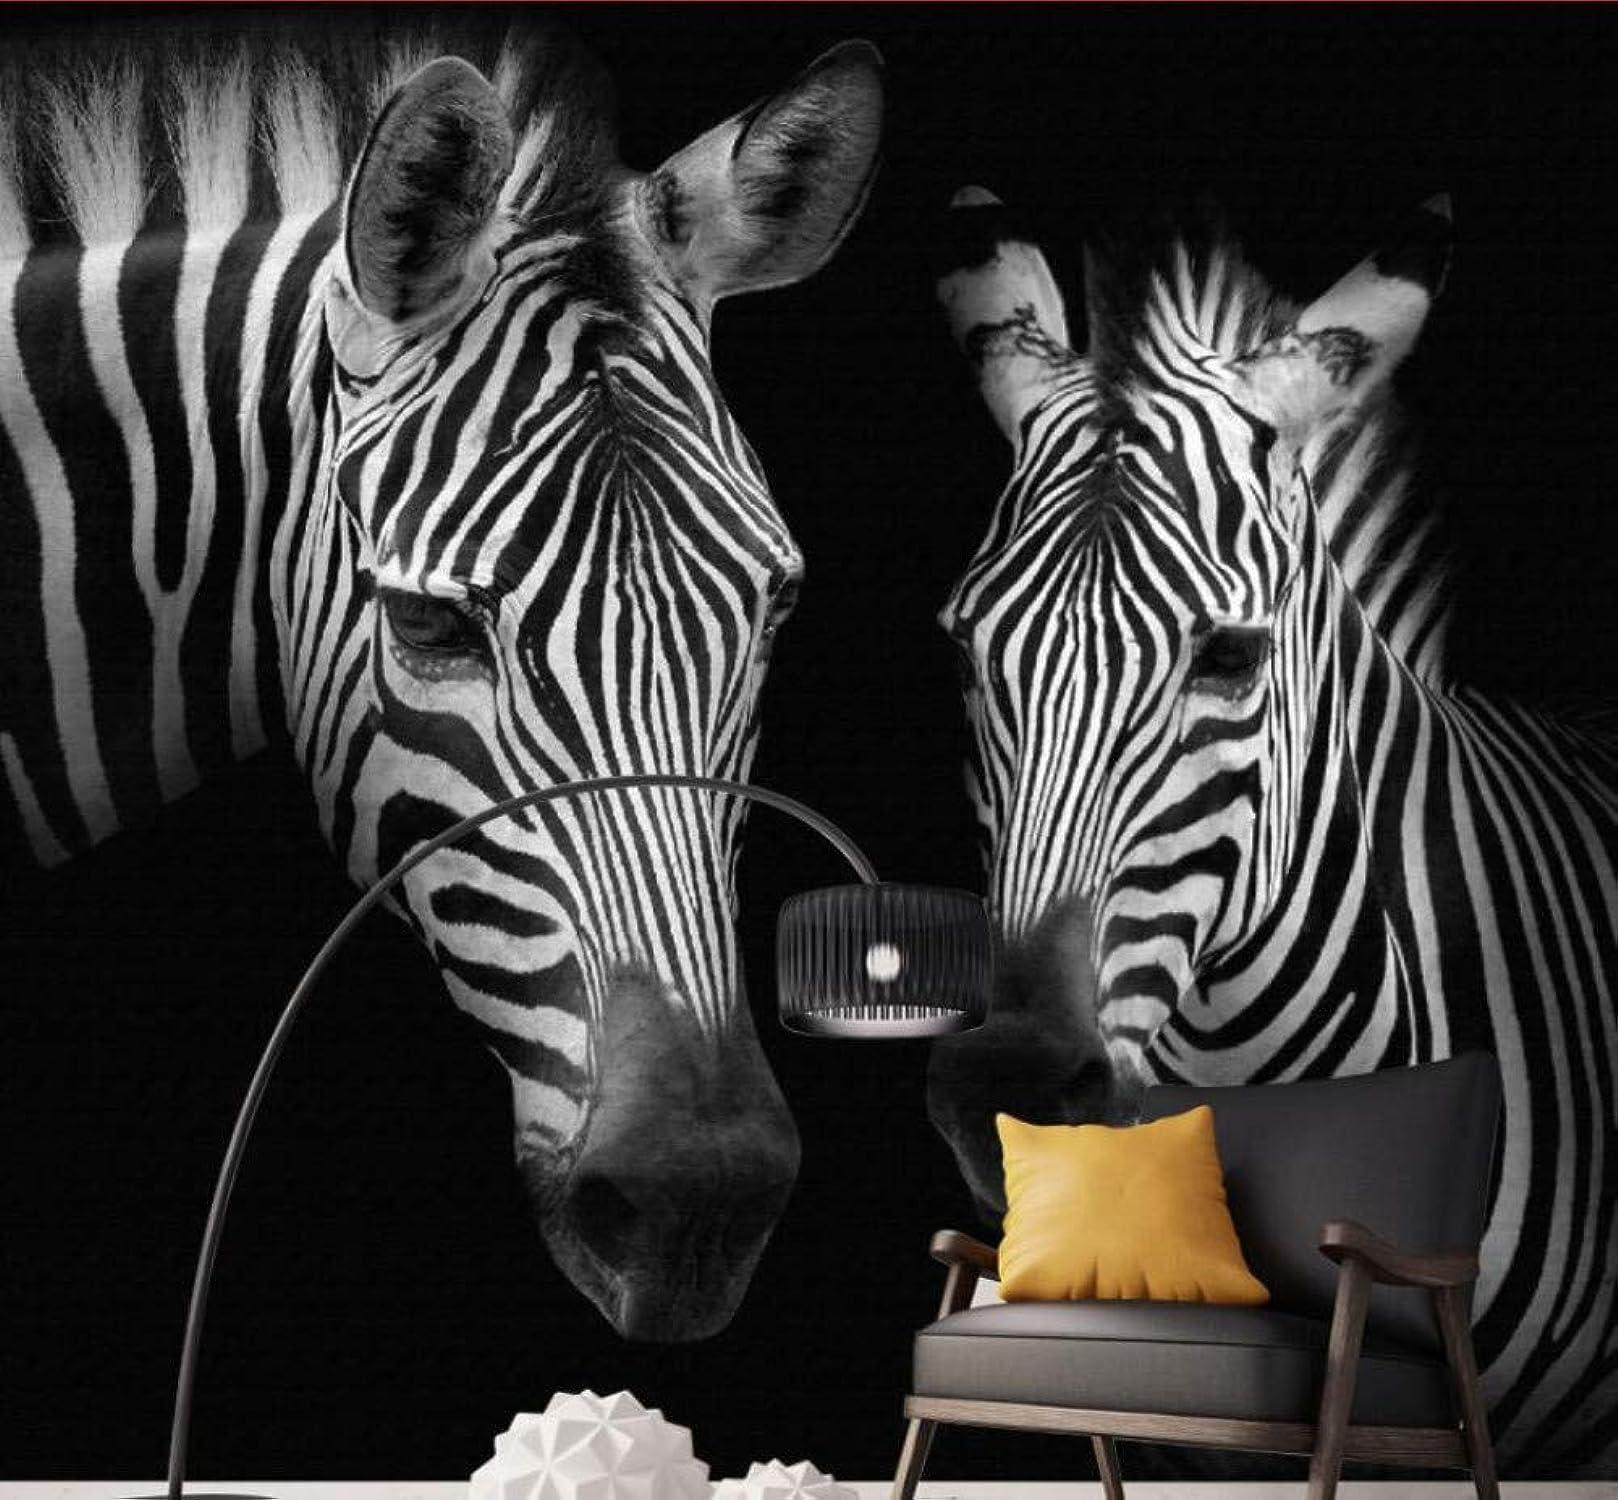 Felices compras Mural De Papel Tapiz 3D Mural De Papel Papel Papel Tapiz Retro Vintage blancoo Y Negro Mural De Cebra Fondo Parojoes Papel Tapiz 3D, 200Cmx140Cm  Entrega rápida y envío gratis en todos los pedidos.